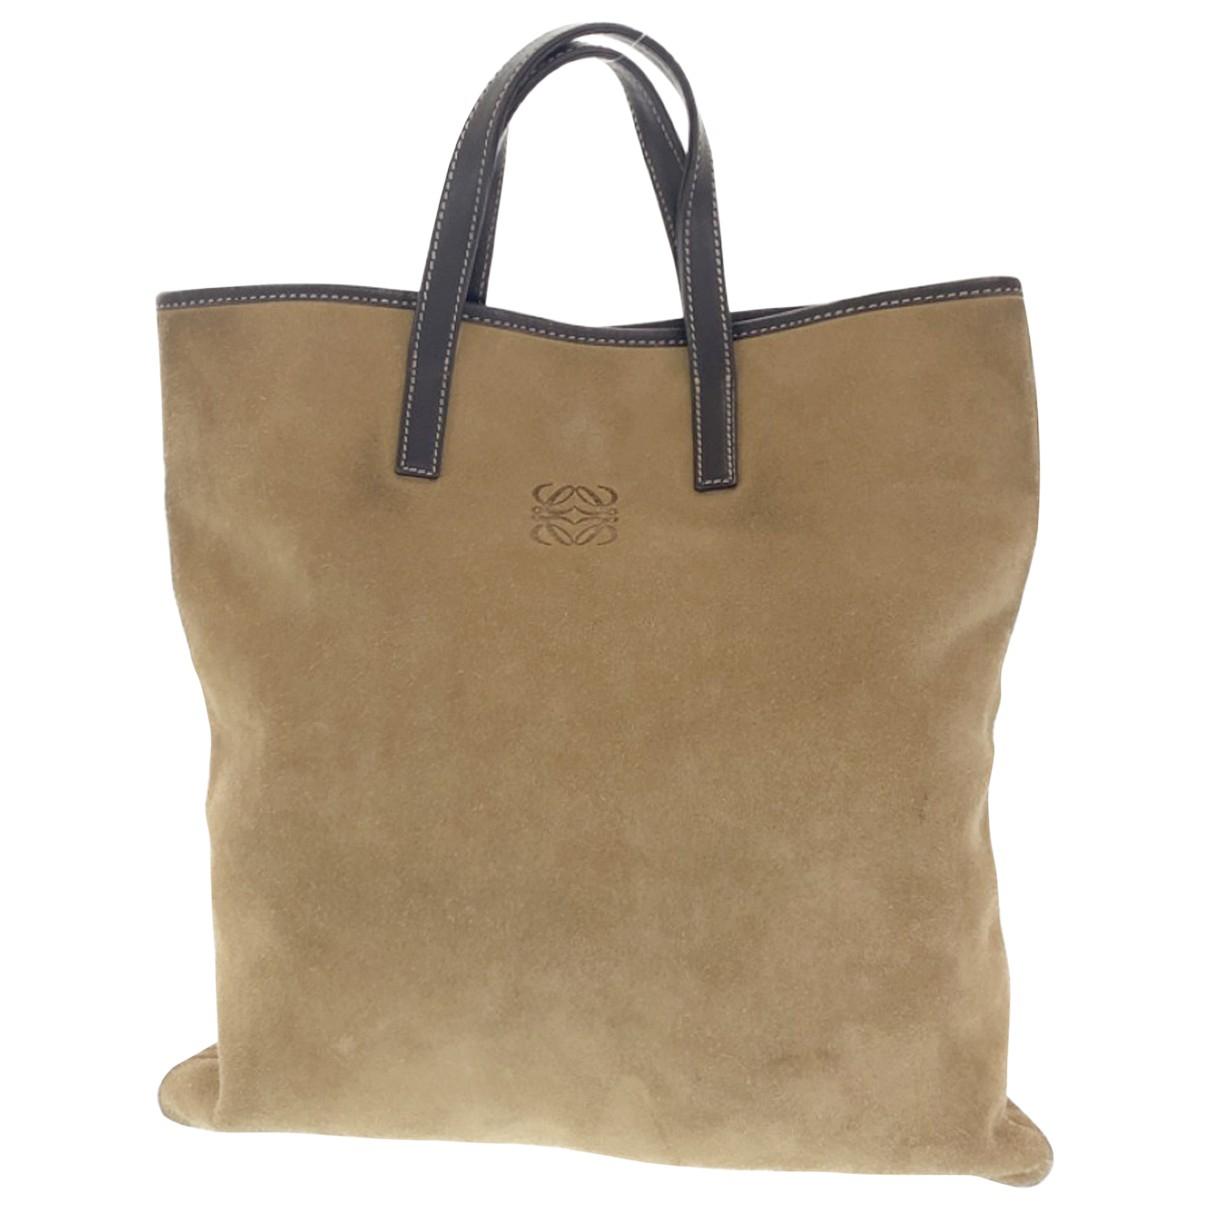 Loewe N Suede handbag for Women N